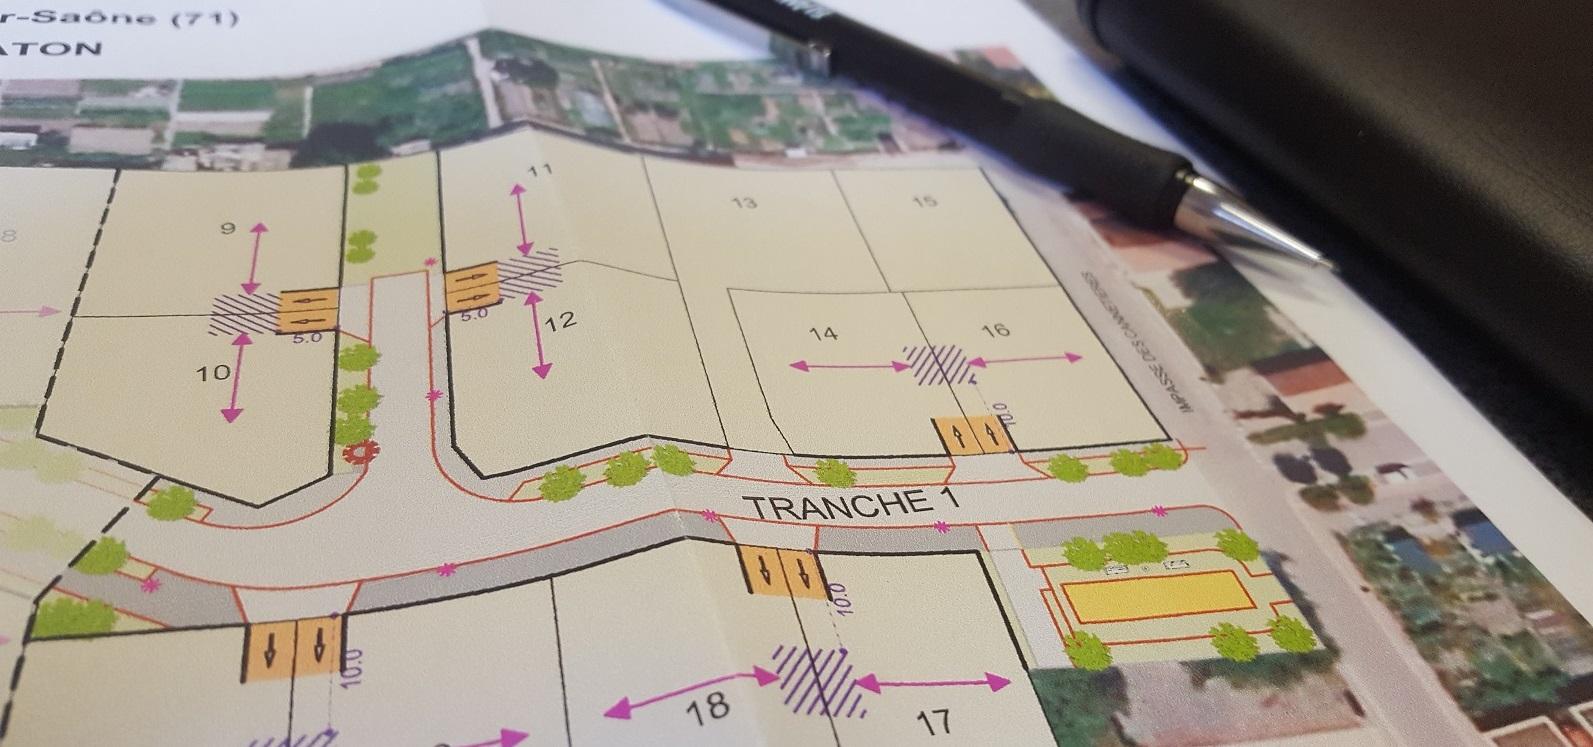 Terrain constructible à Chalon sur Saône à vendre pour votre projet de construction de maison individuelle neuve RT 2012 avec bourgogne bâtir